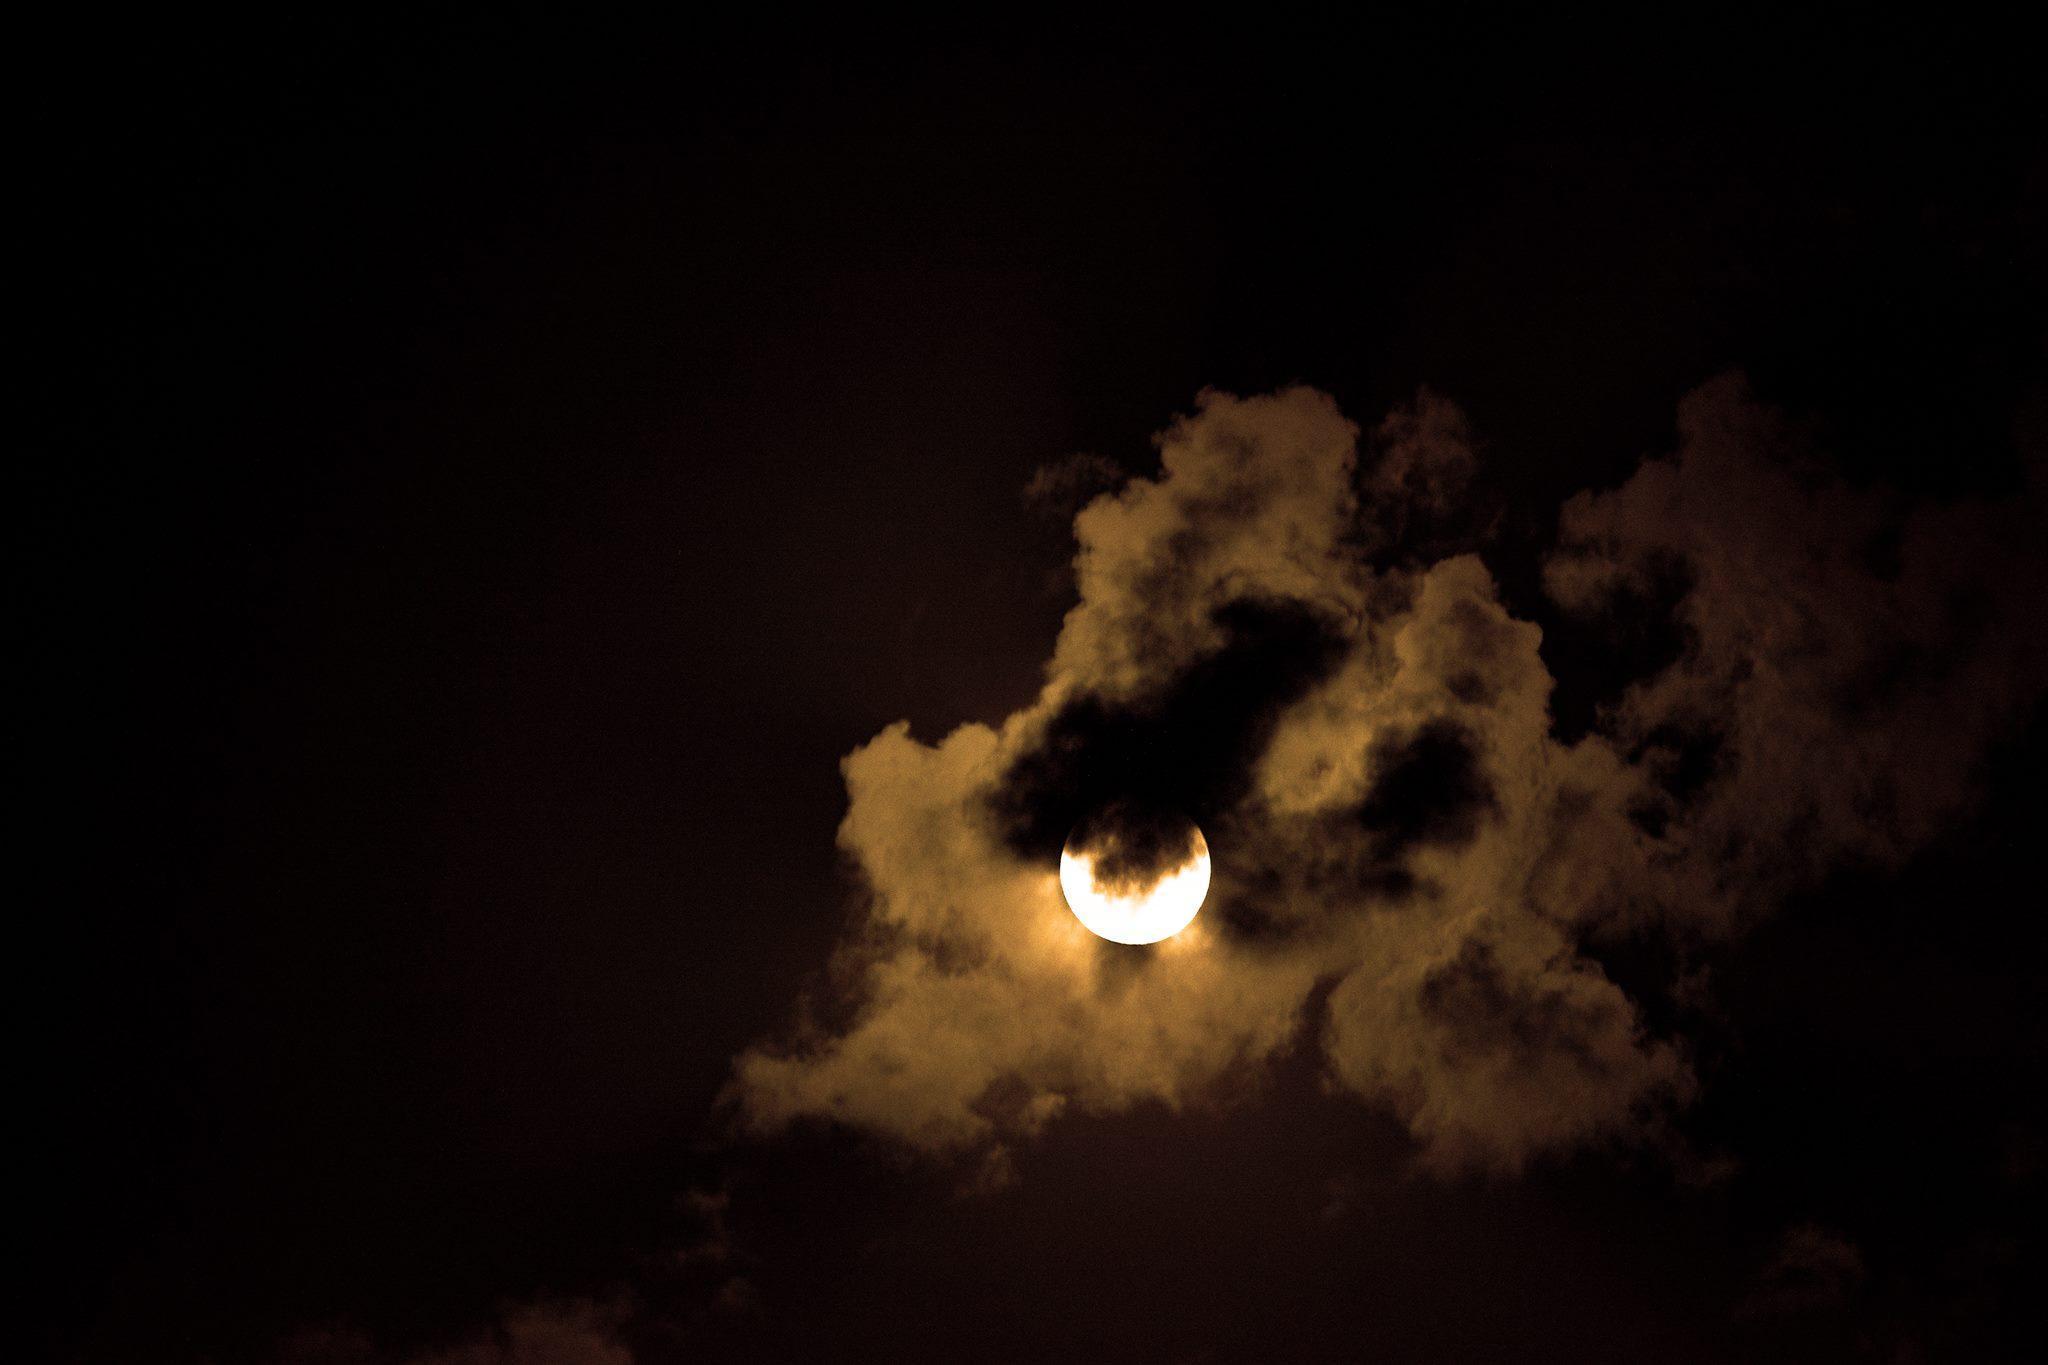 La Luna piena che ha salutato il solstizio d'estate e gioca a nascondino - Scatto Rubato a Tommaso Duggento